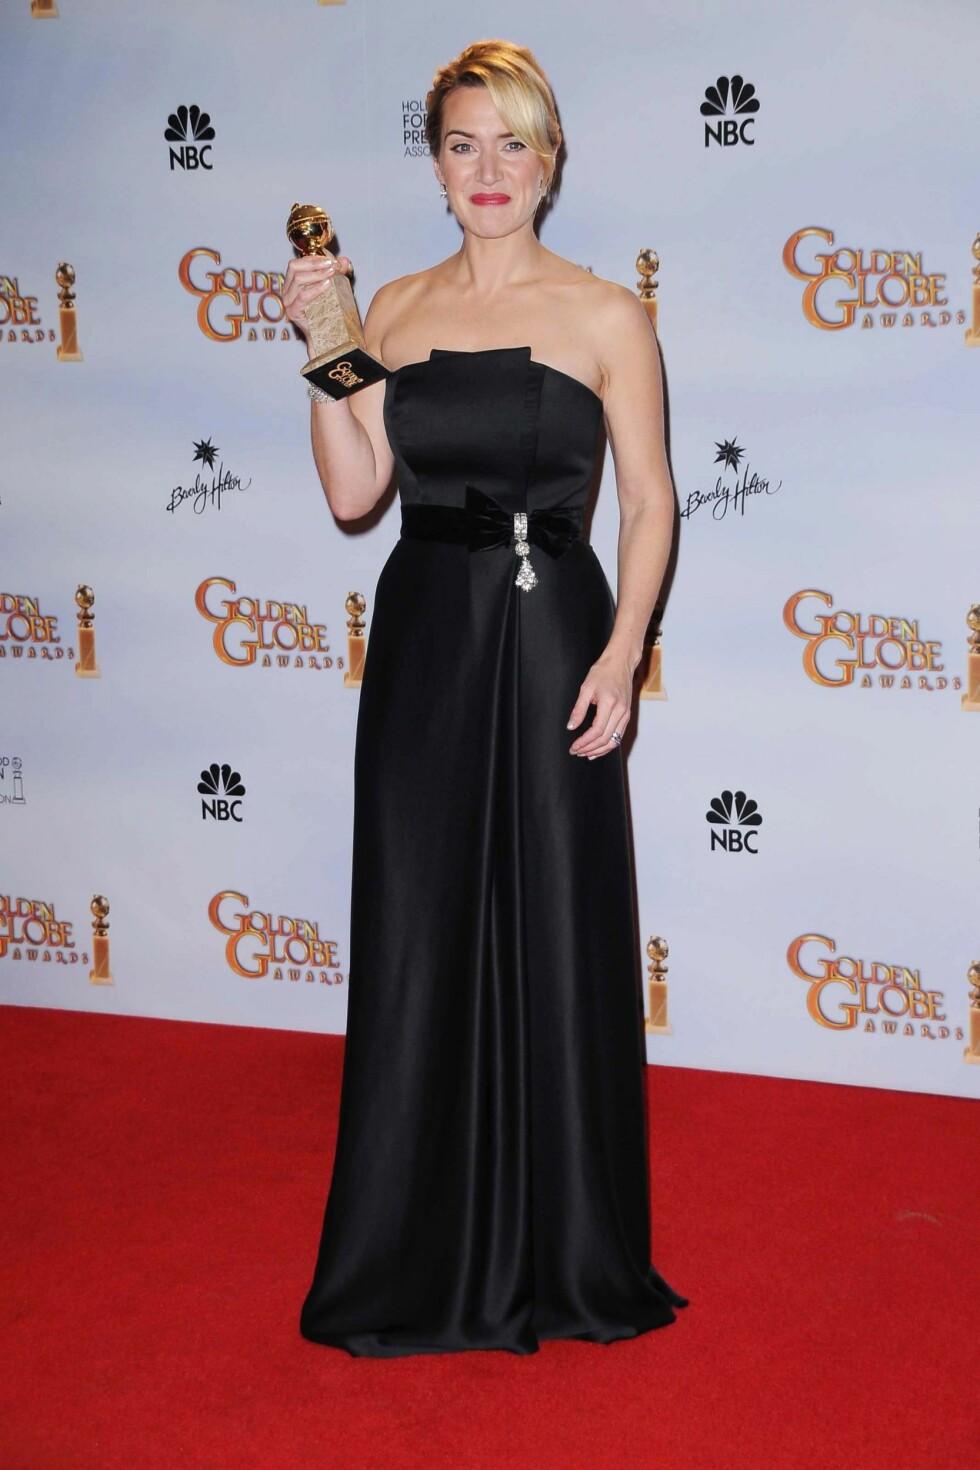 PÅ GOLDEN GLOBE: Kate Winslet har flotte skuldre, men på Golden Globe ble det kanskje litt for tamt uten juveler? Foto: All Over Press